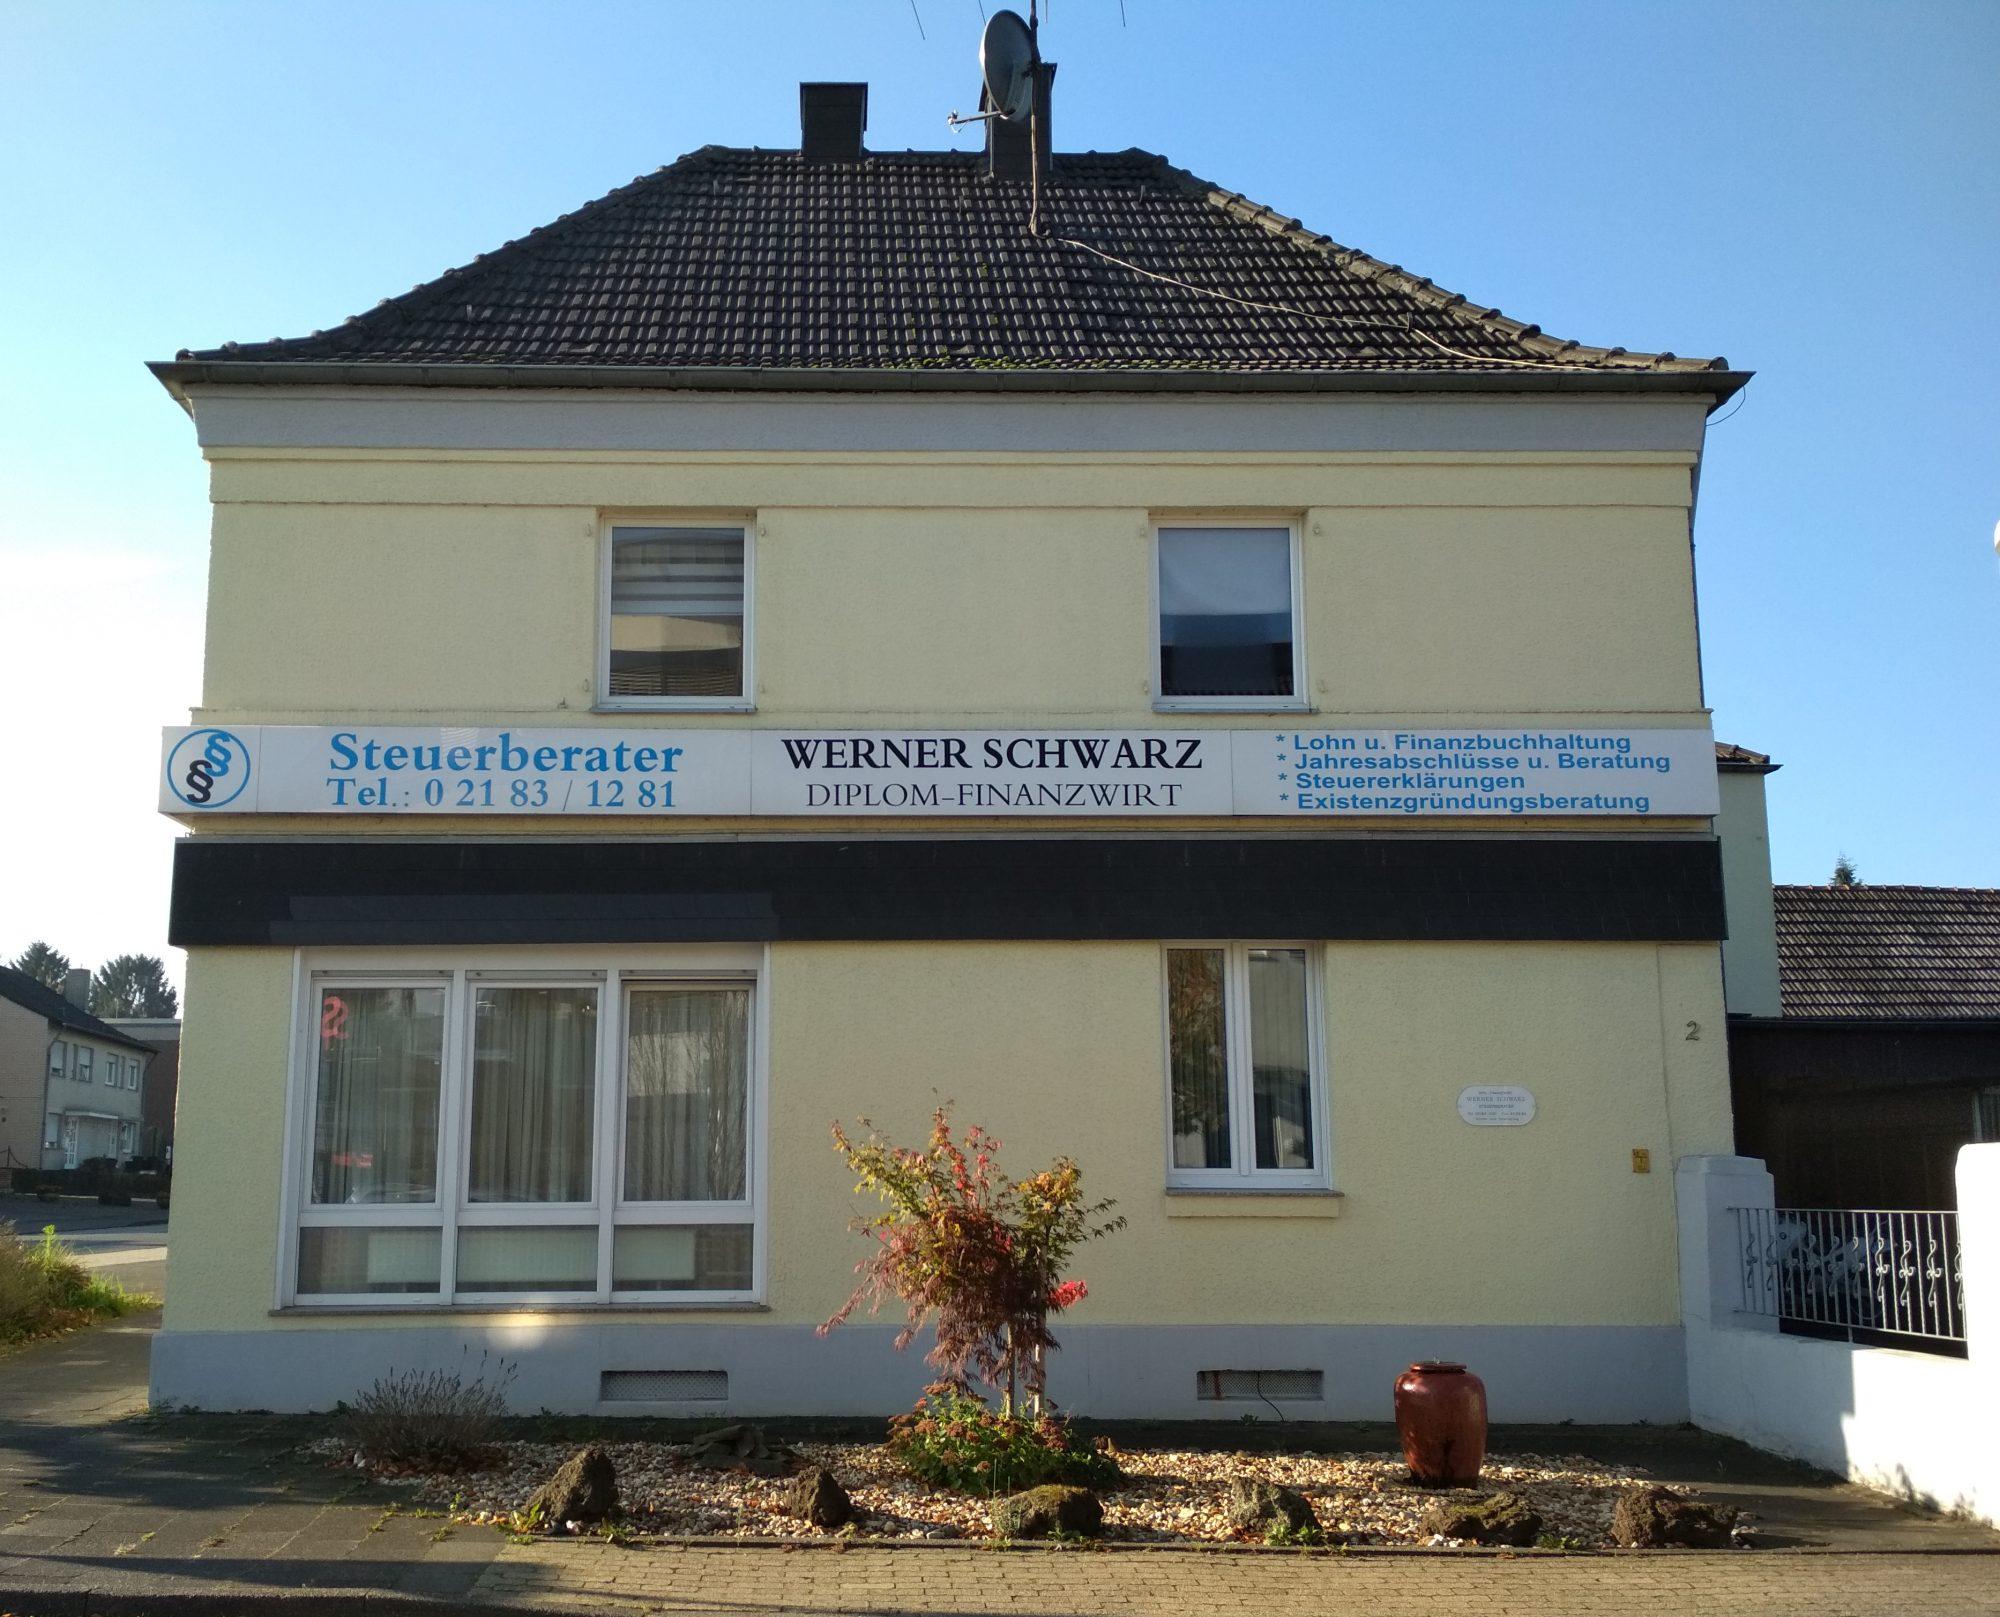 Steuerbüro Schwarz